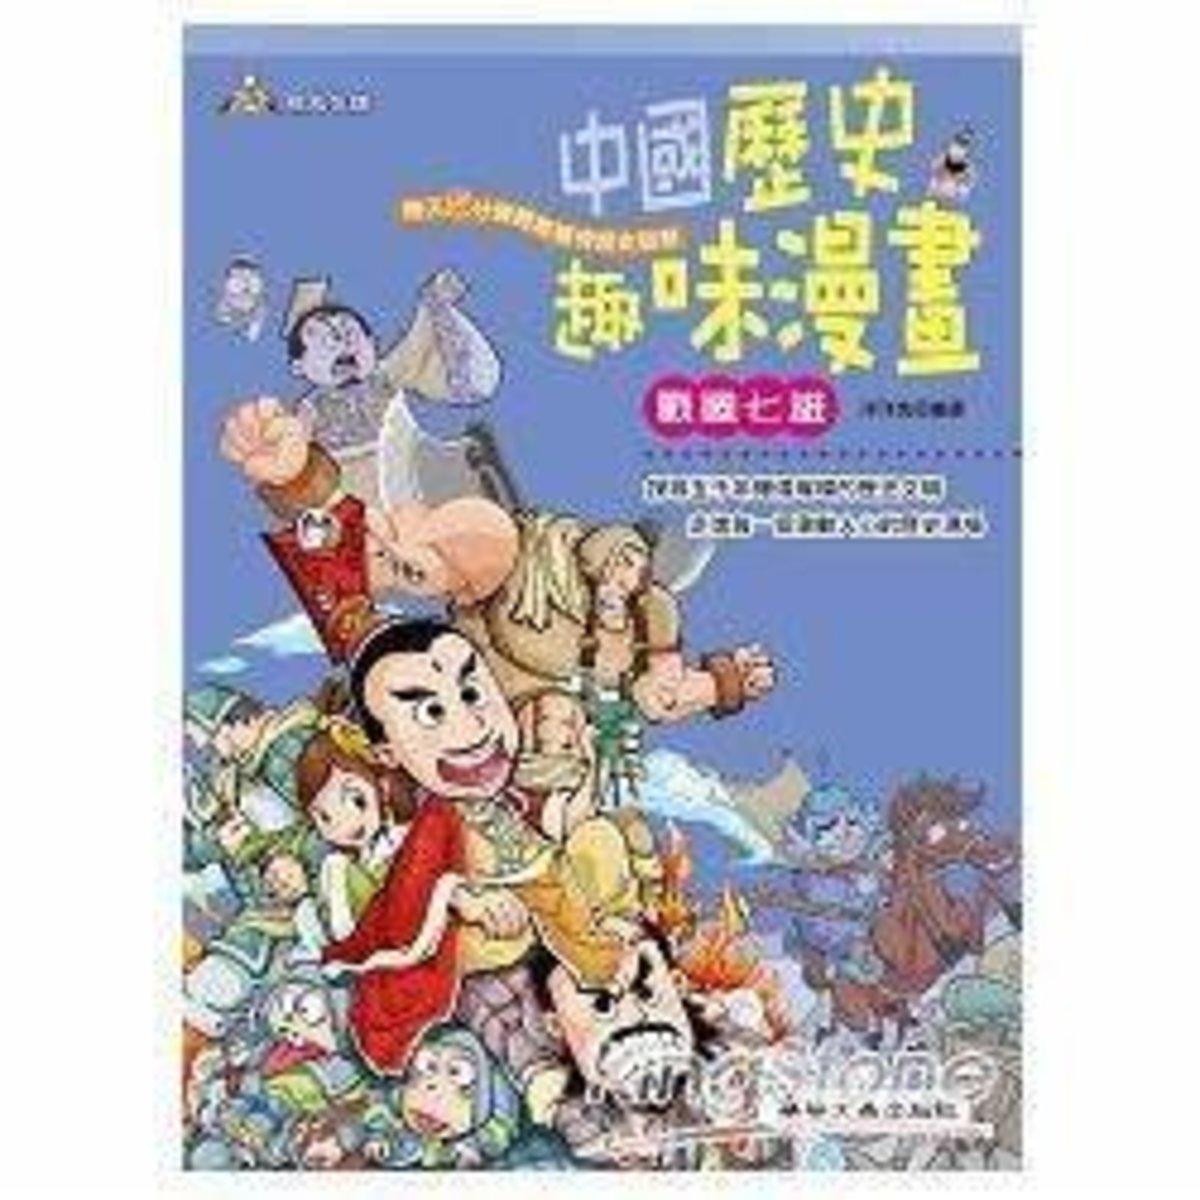 中國歷史趣味漫畫 - 戰國七雄